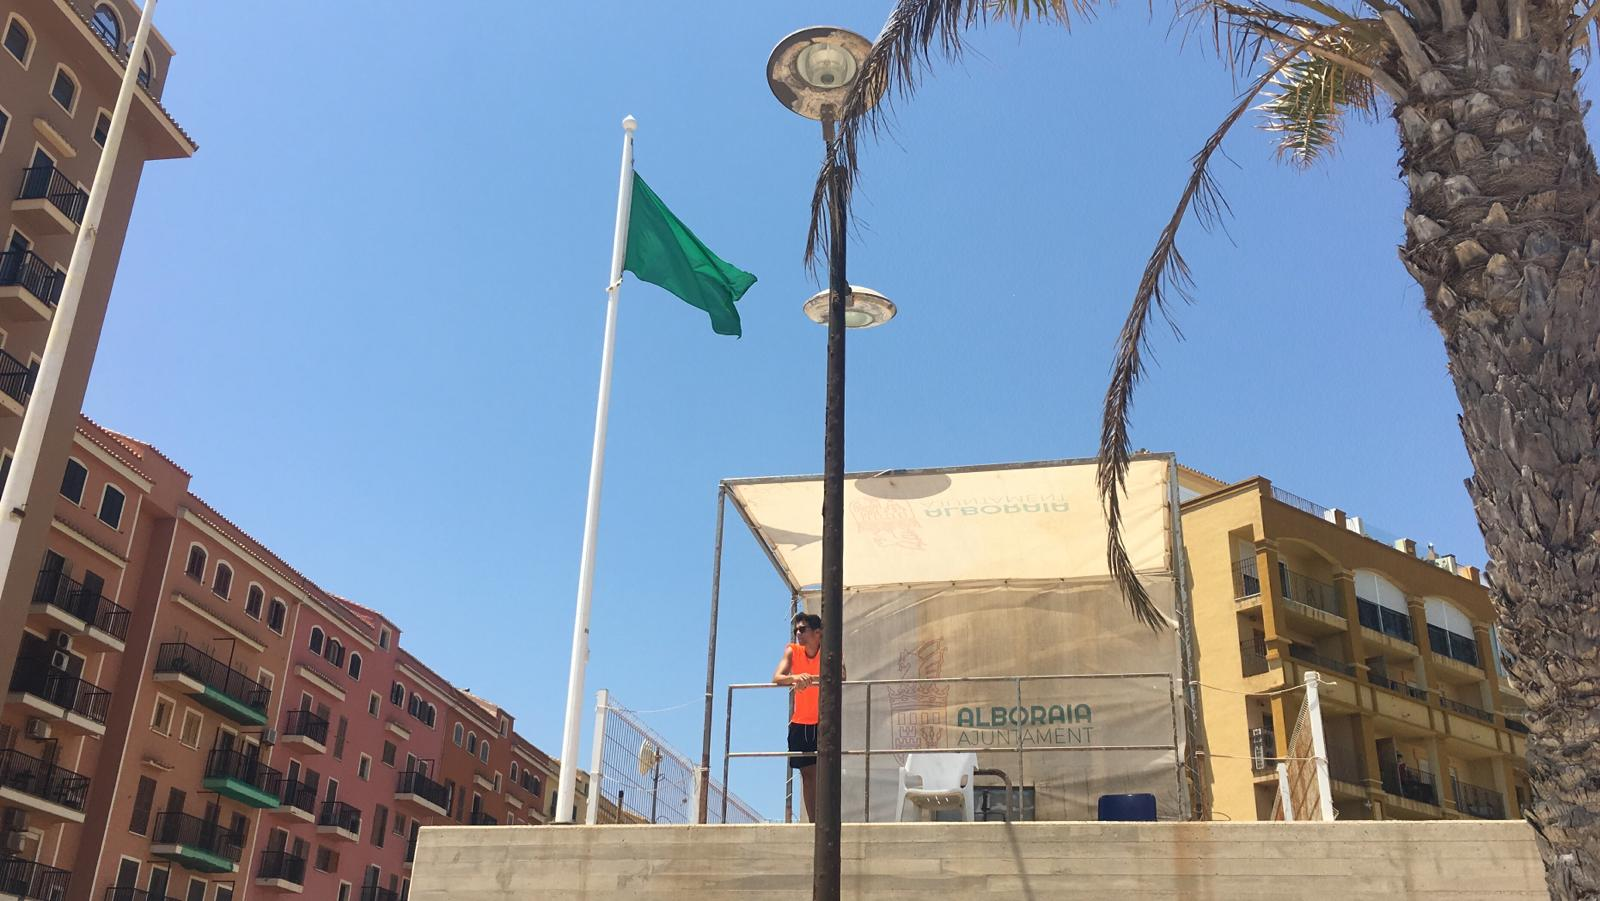 bandera verde Port Saplaya